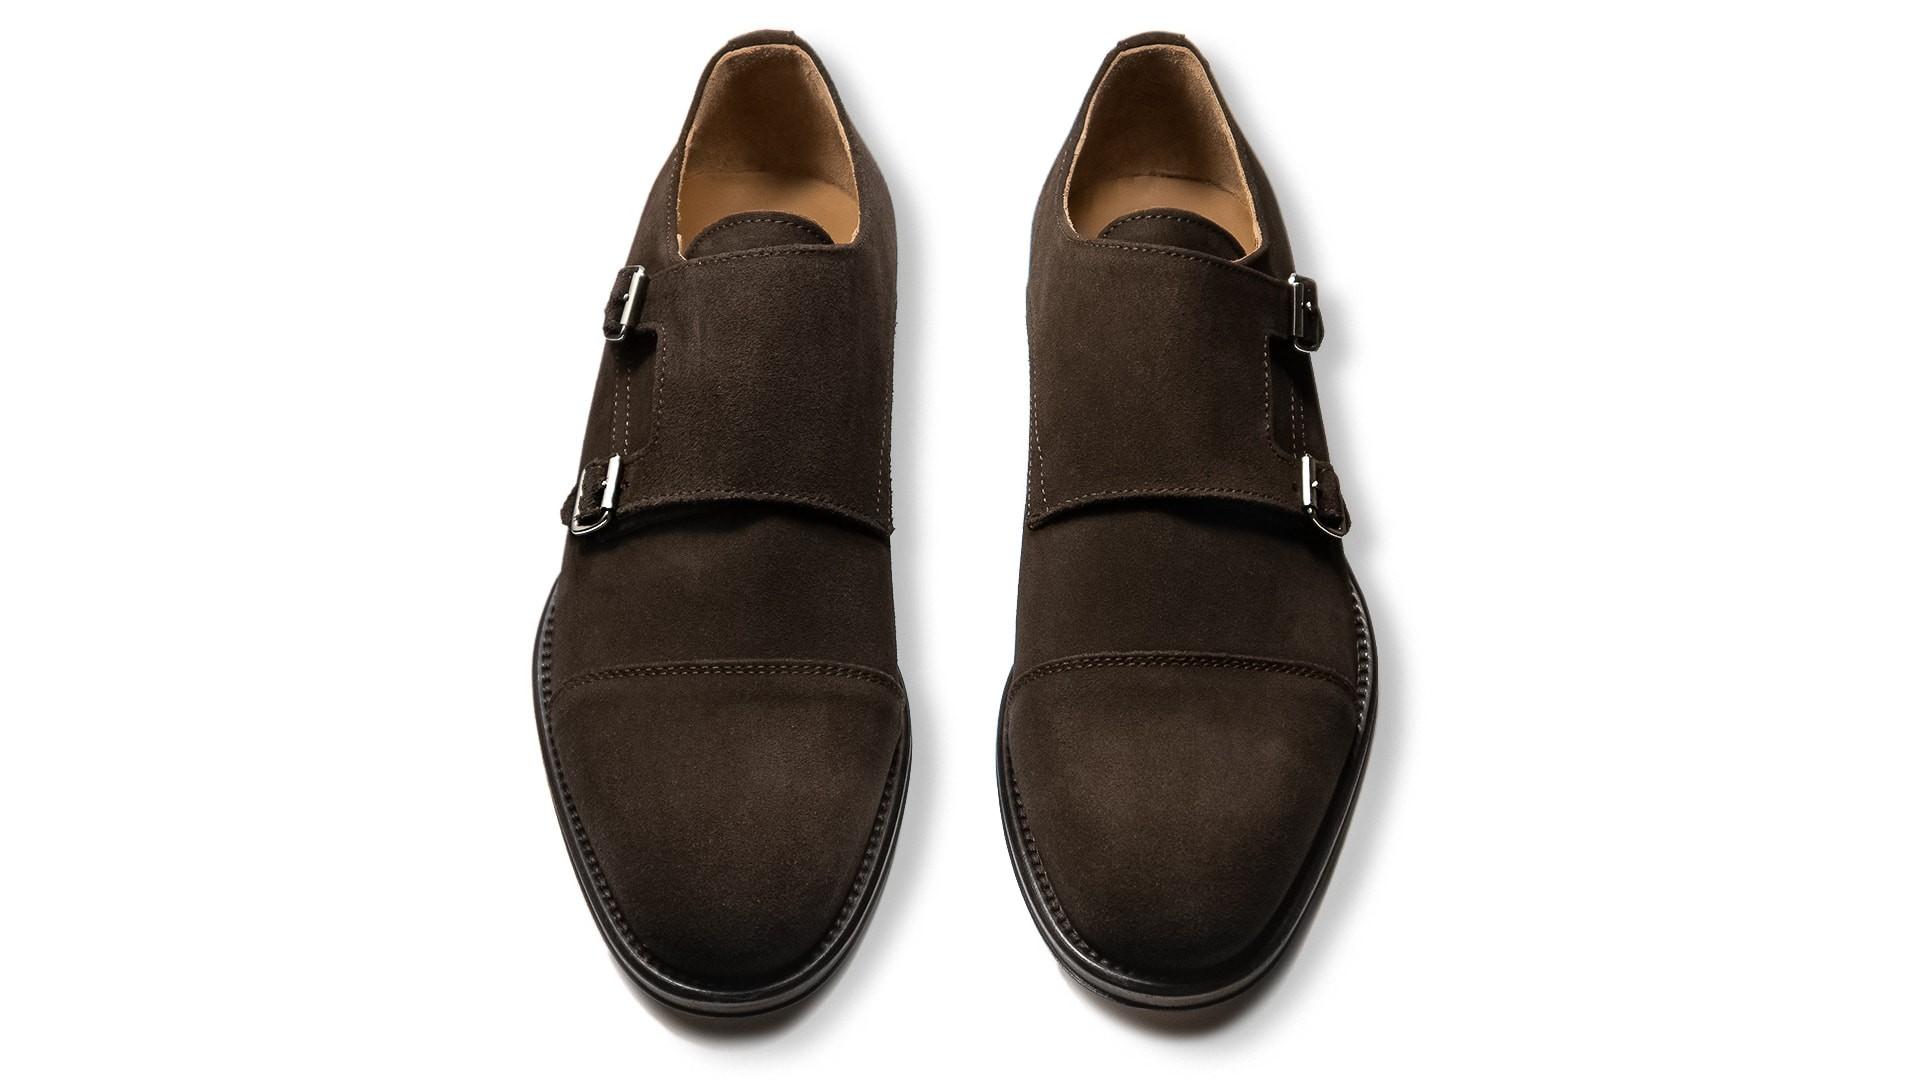 Monk Shoes Suede Espresso